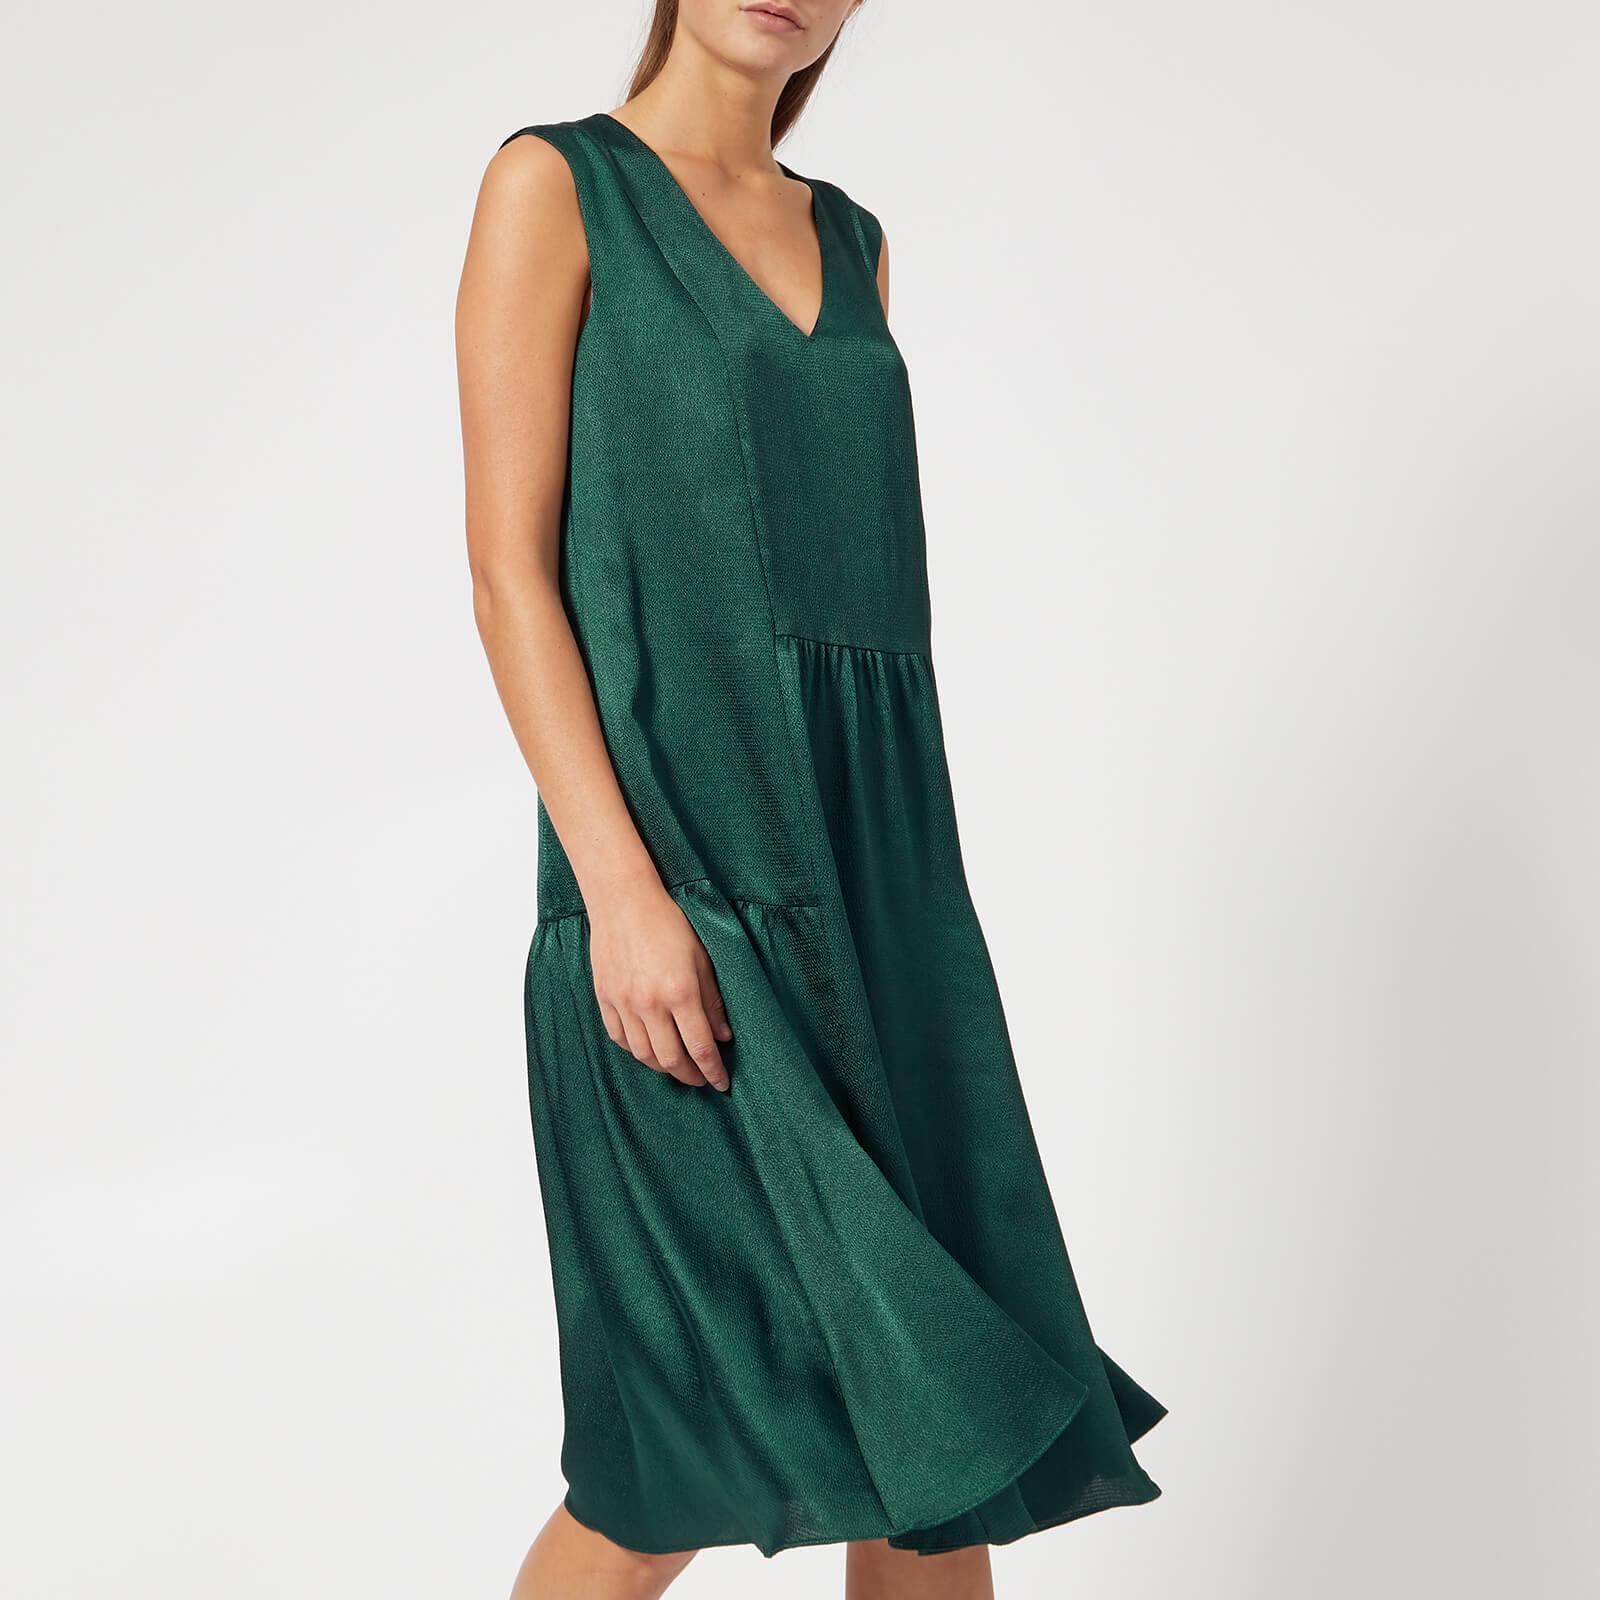 Gestuz Women's Masina Dress - Botanical Garden - EU 34/UK 6 - Green